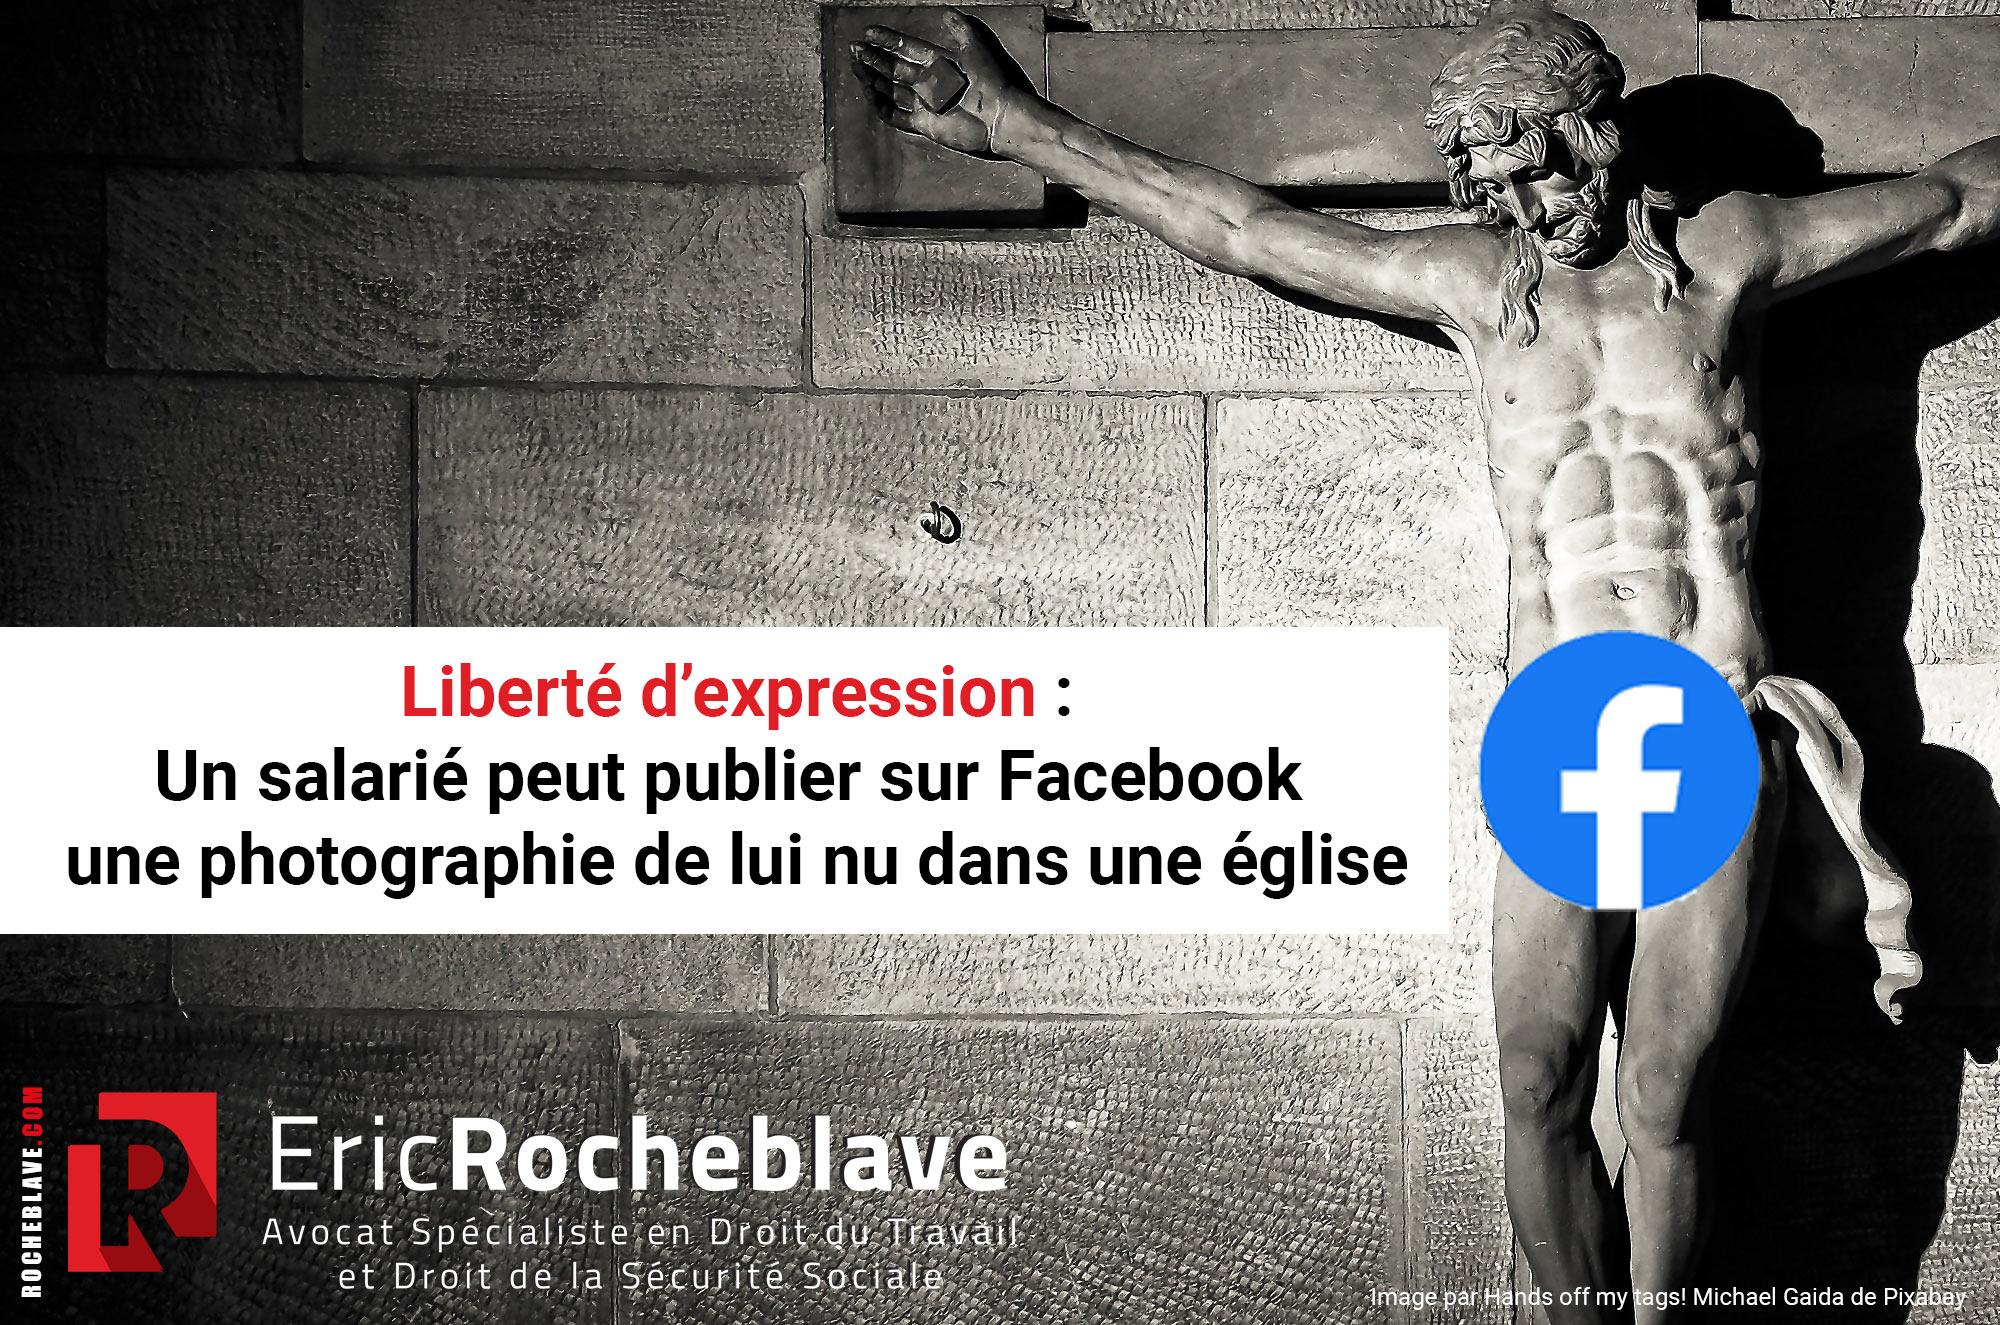 Liberté d'expression : un salarié peut publier sur Facebook une photographie de lui nu dans une église